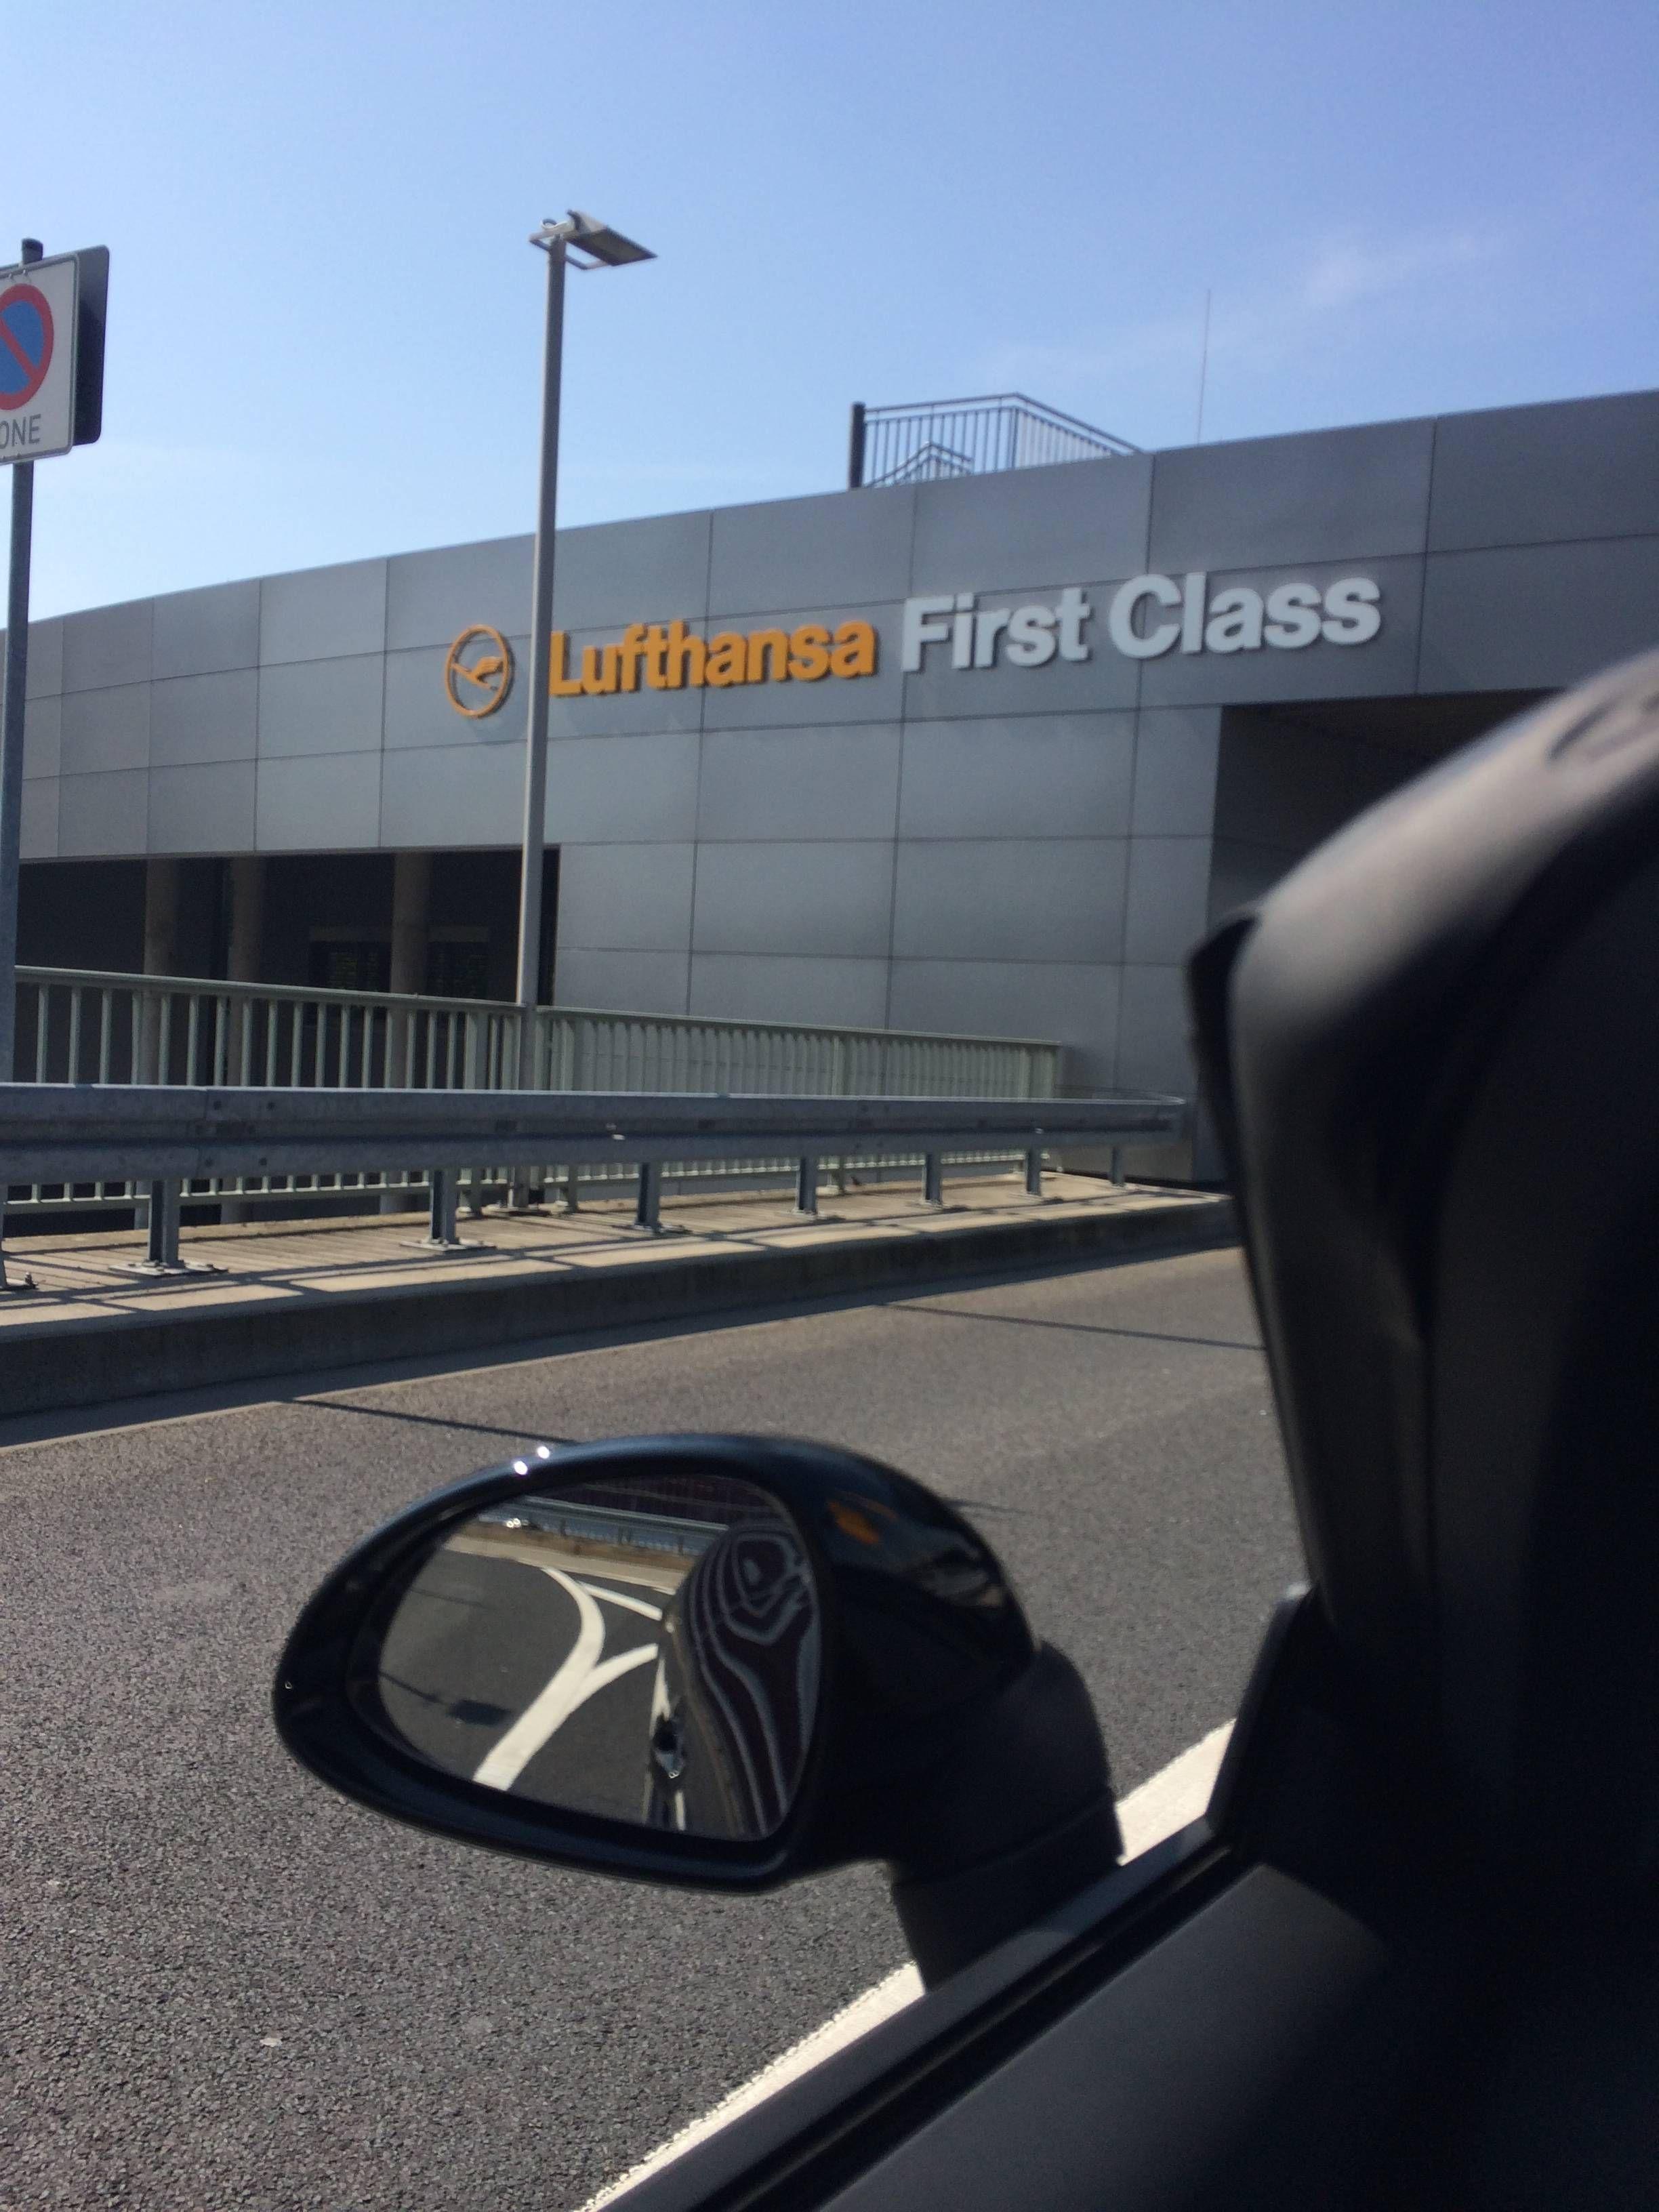 lufthansa first class porsche excitement - passageirodeprimeira